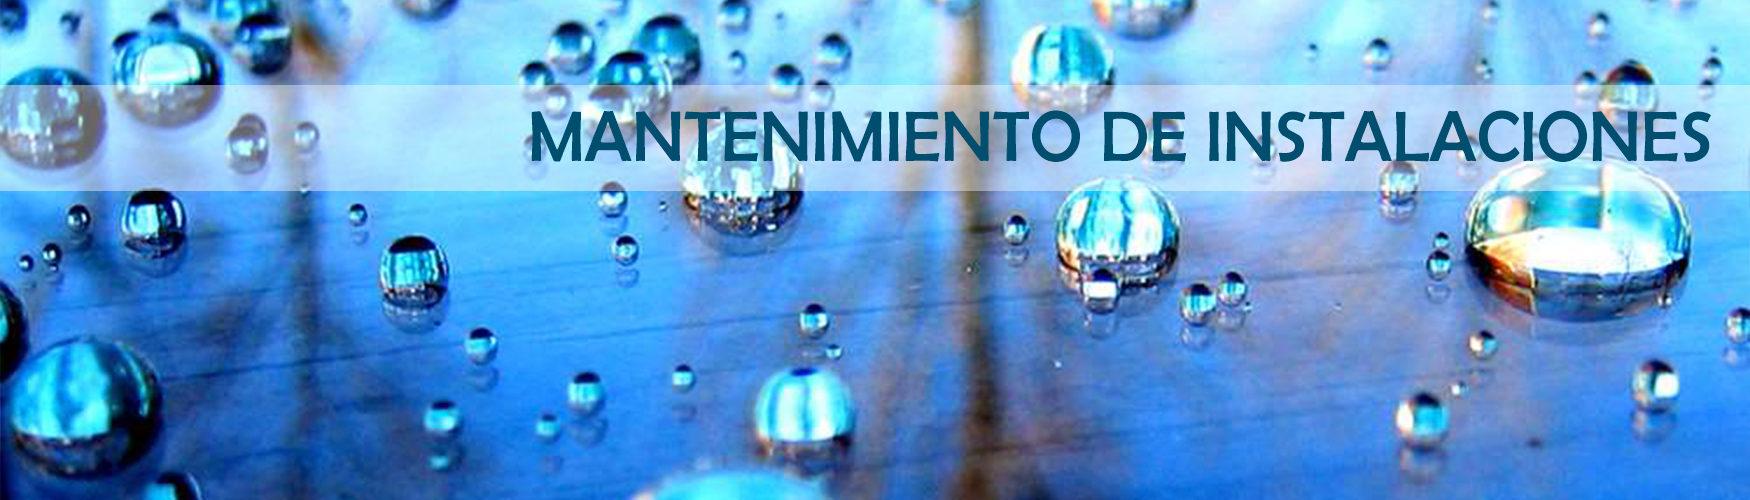 agua en una estancia de mantenimiento de instalaciones de depuración